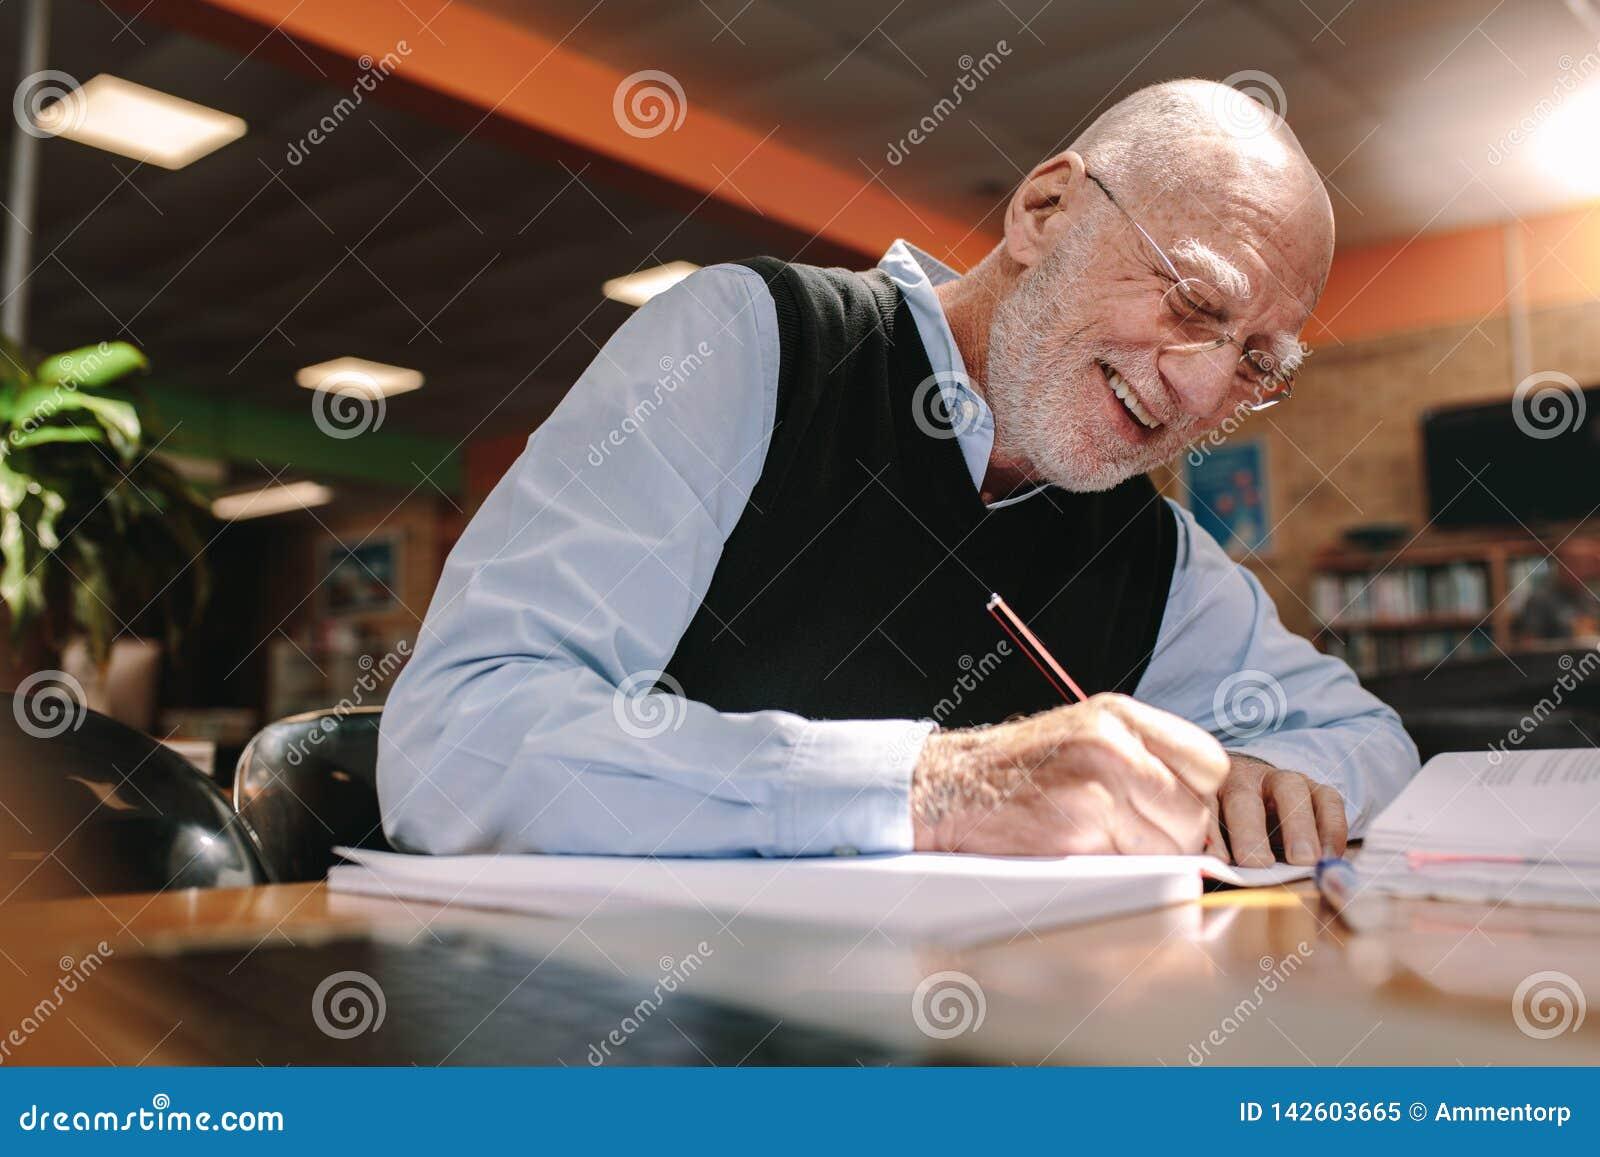 做笔记的老人在教室